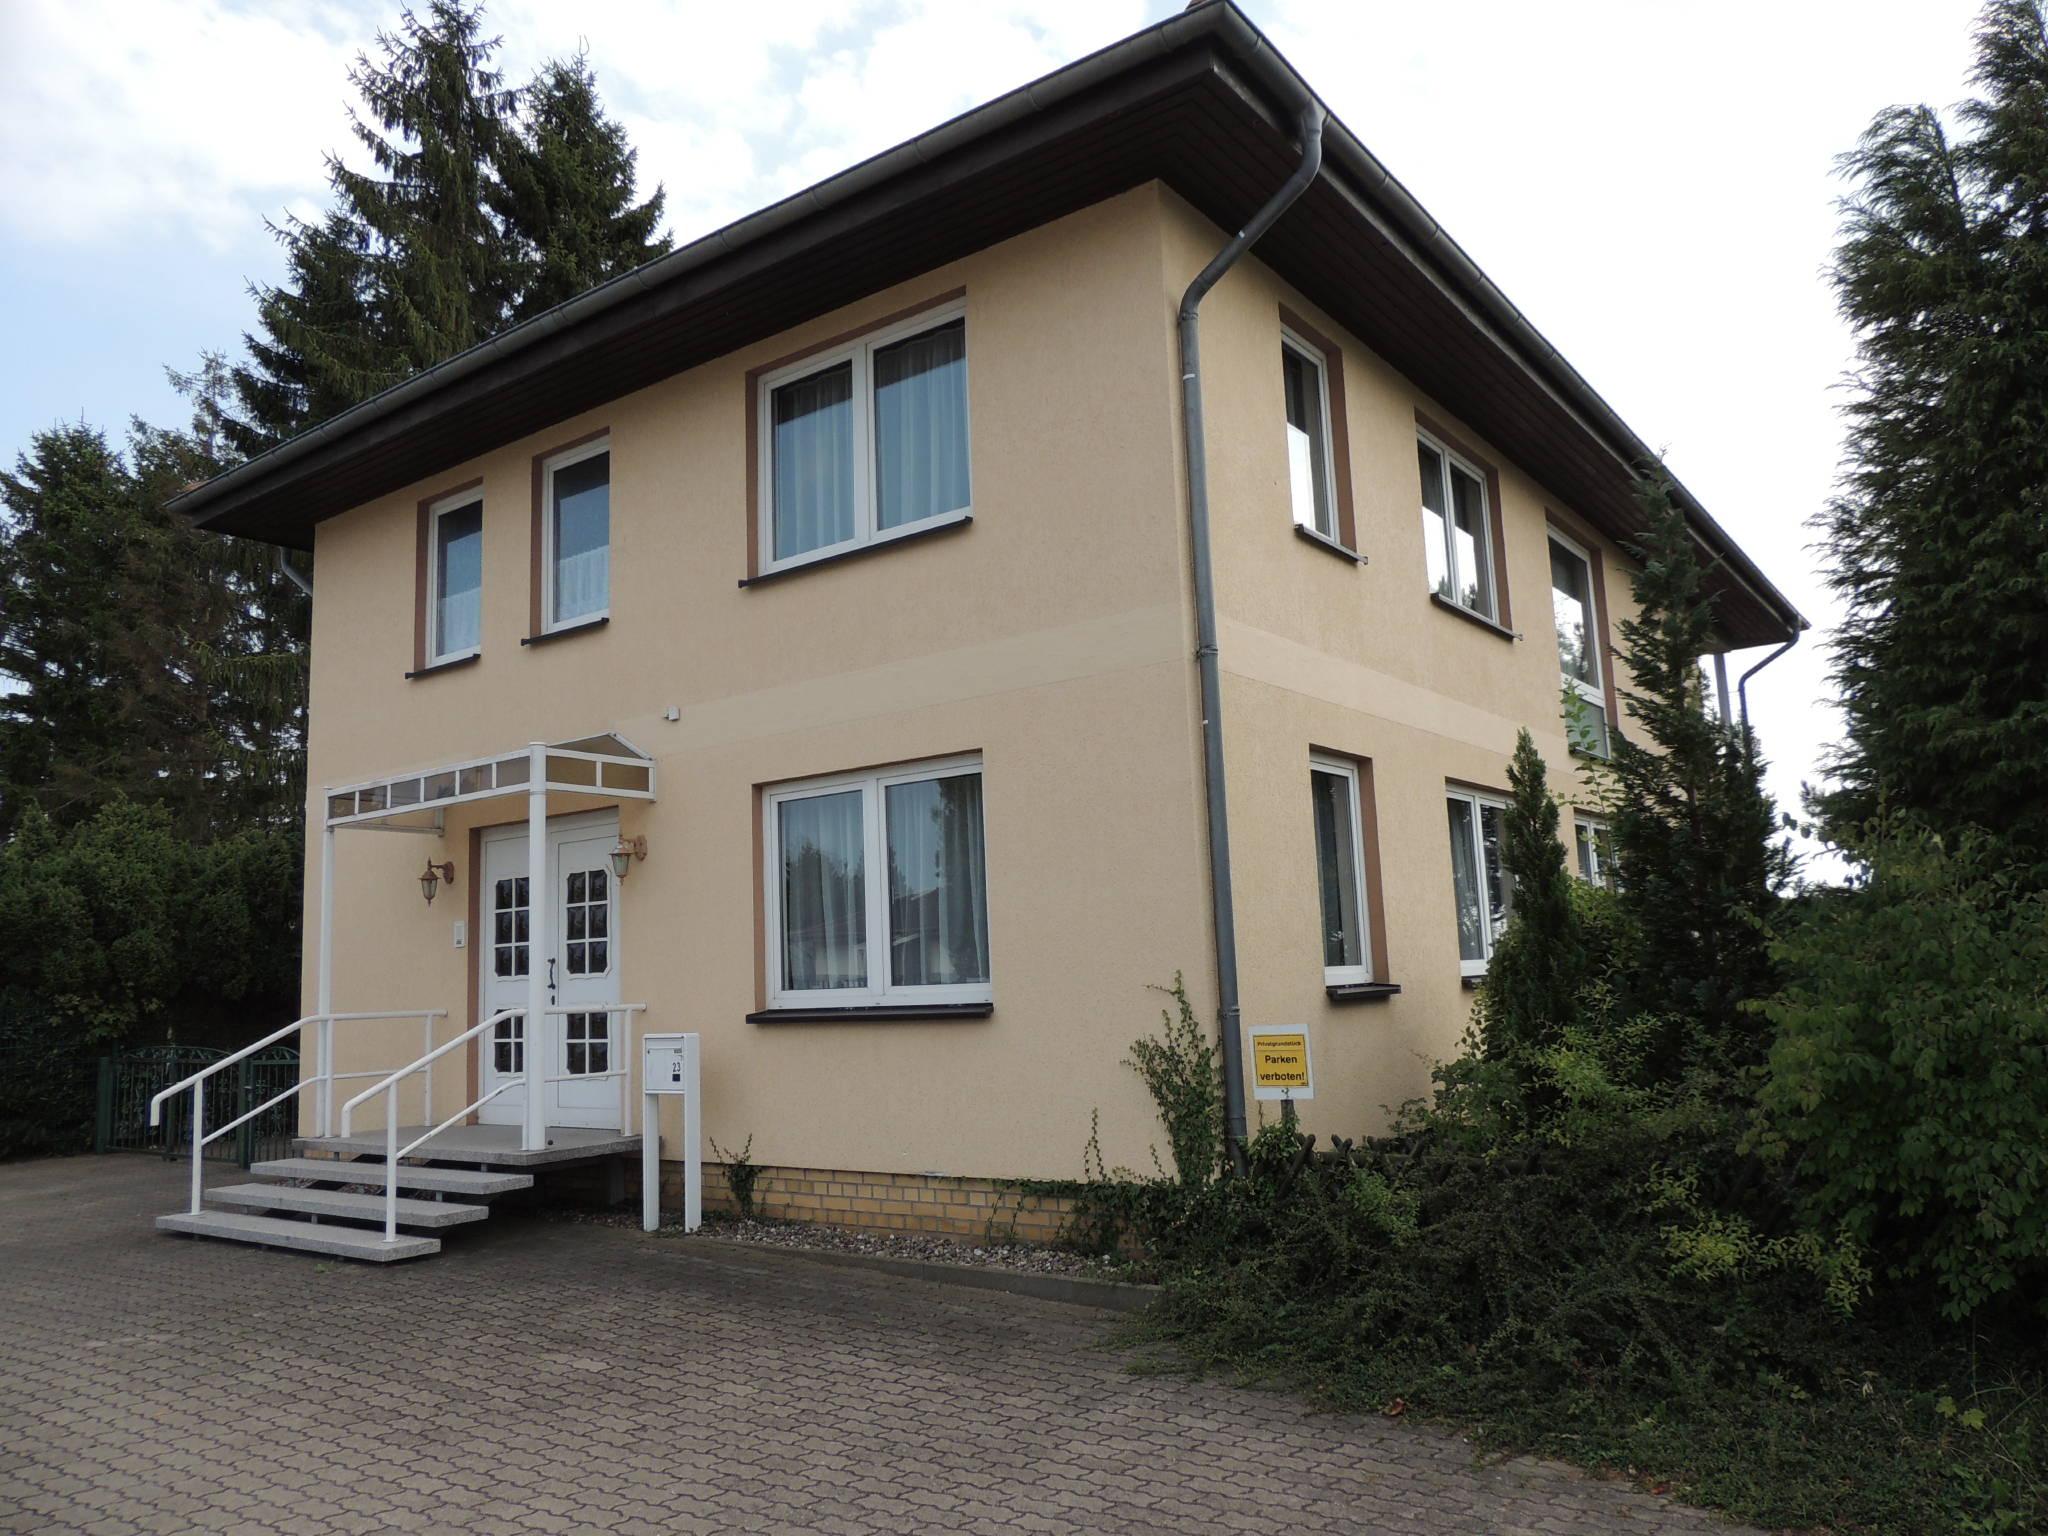 Feriengruppenhaus Am Feldrain Ferienhaus In Stralsund Obj Nr104885